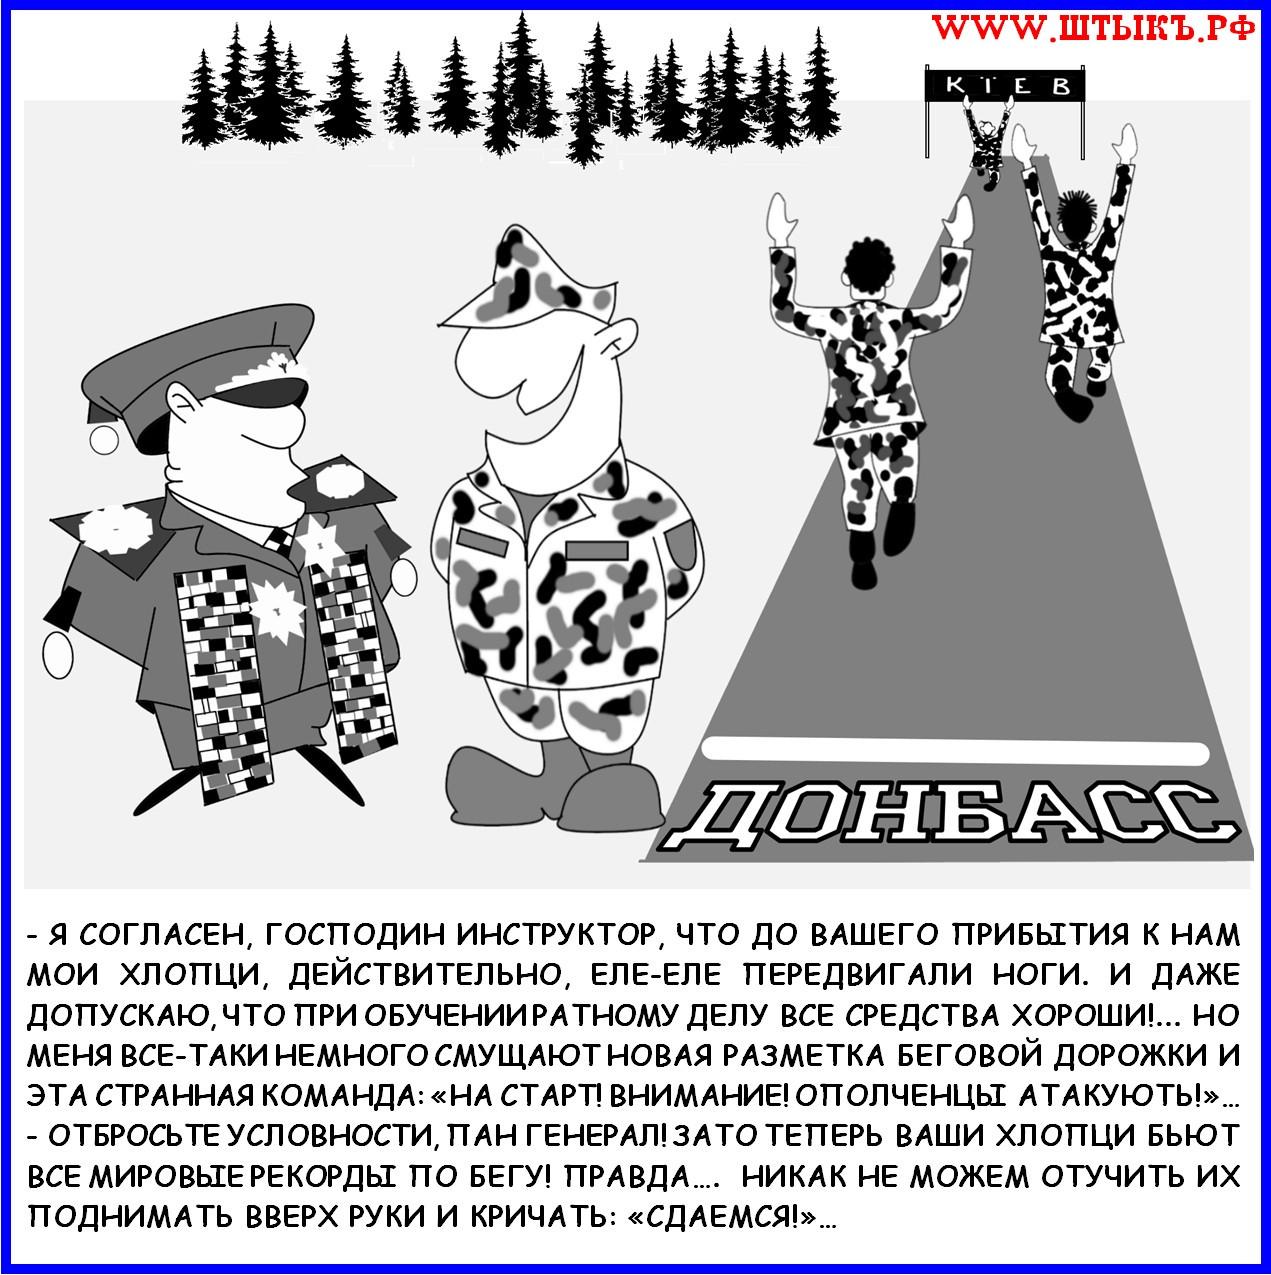 Карикатура на американскую армию